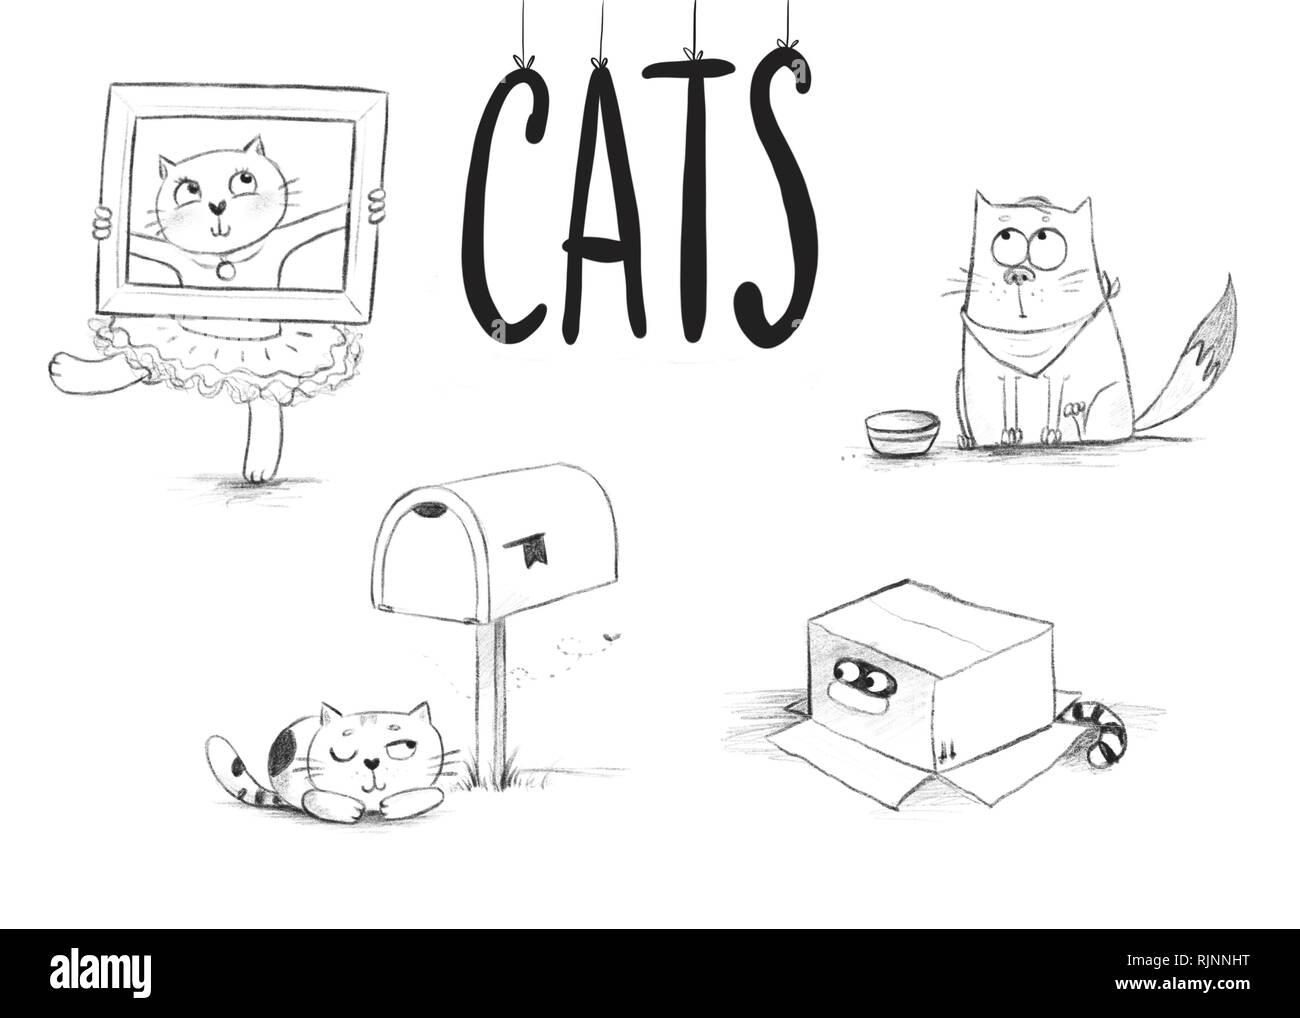 Dibujos A Lápiz De Gatos Lindos En Situaciones Diferentes Foto